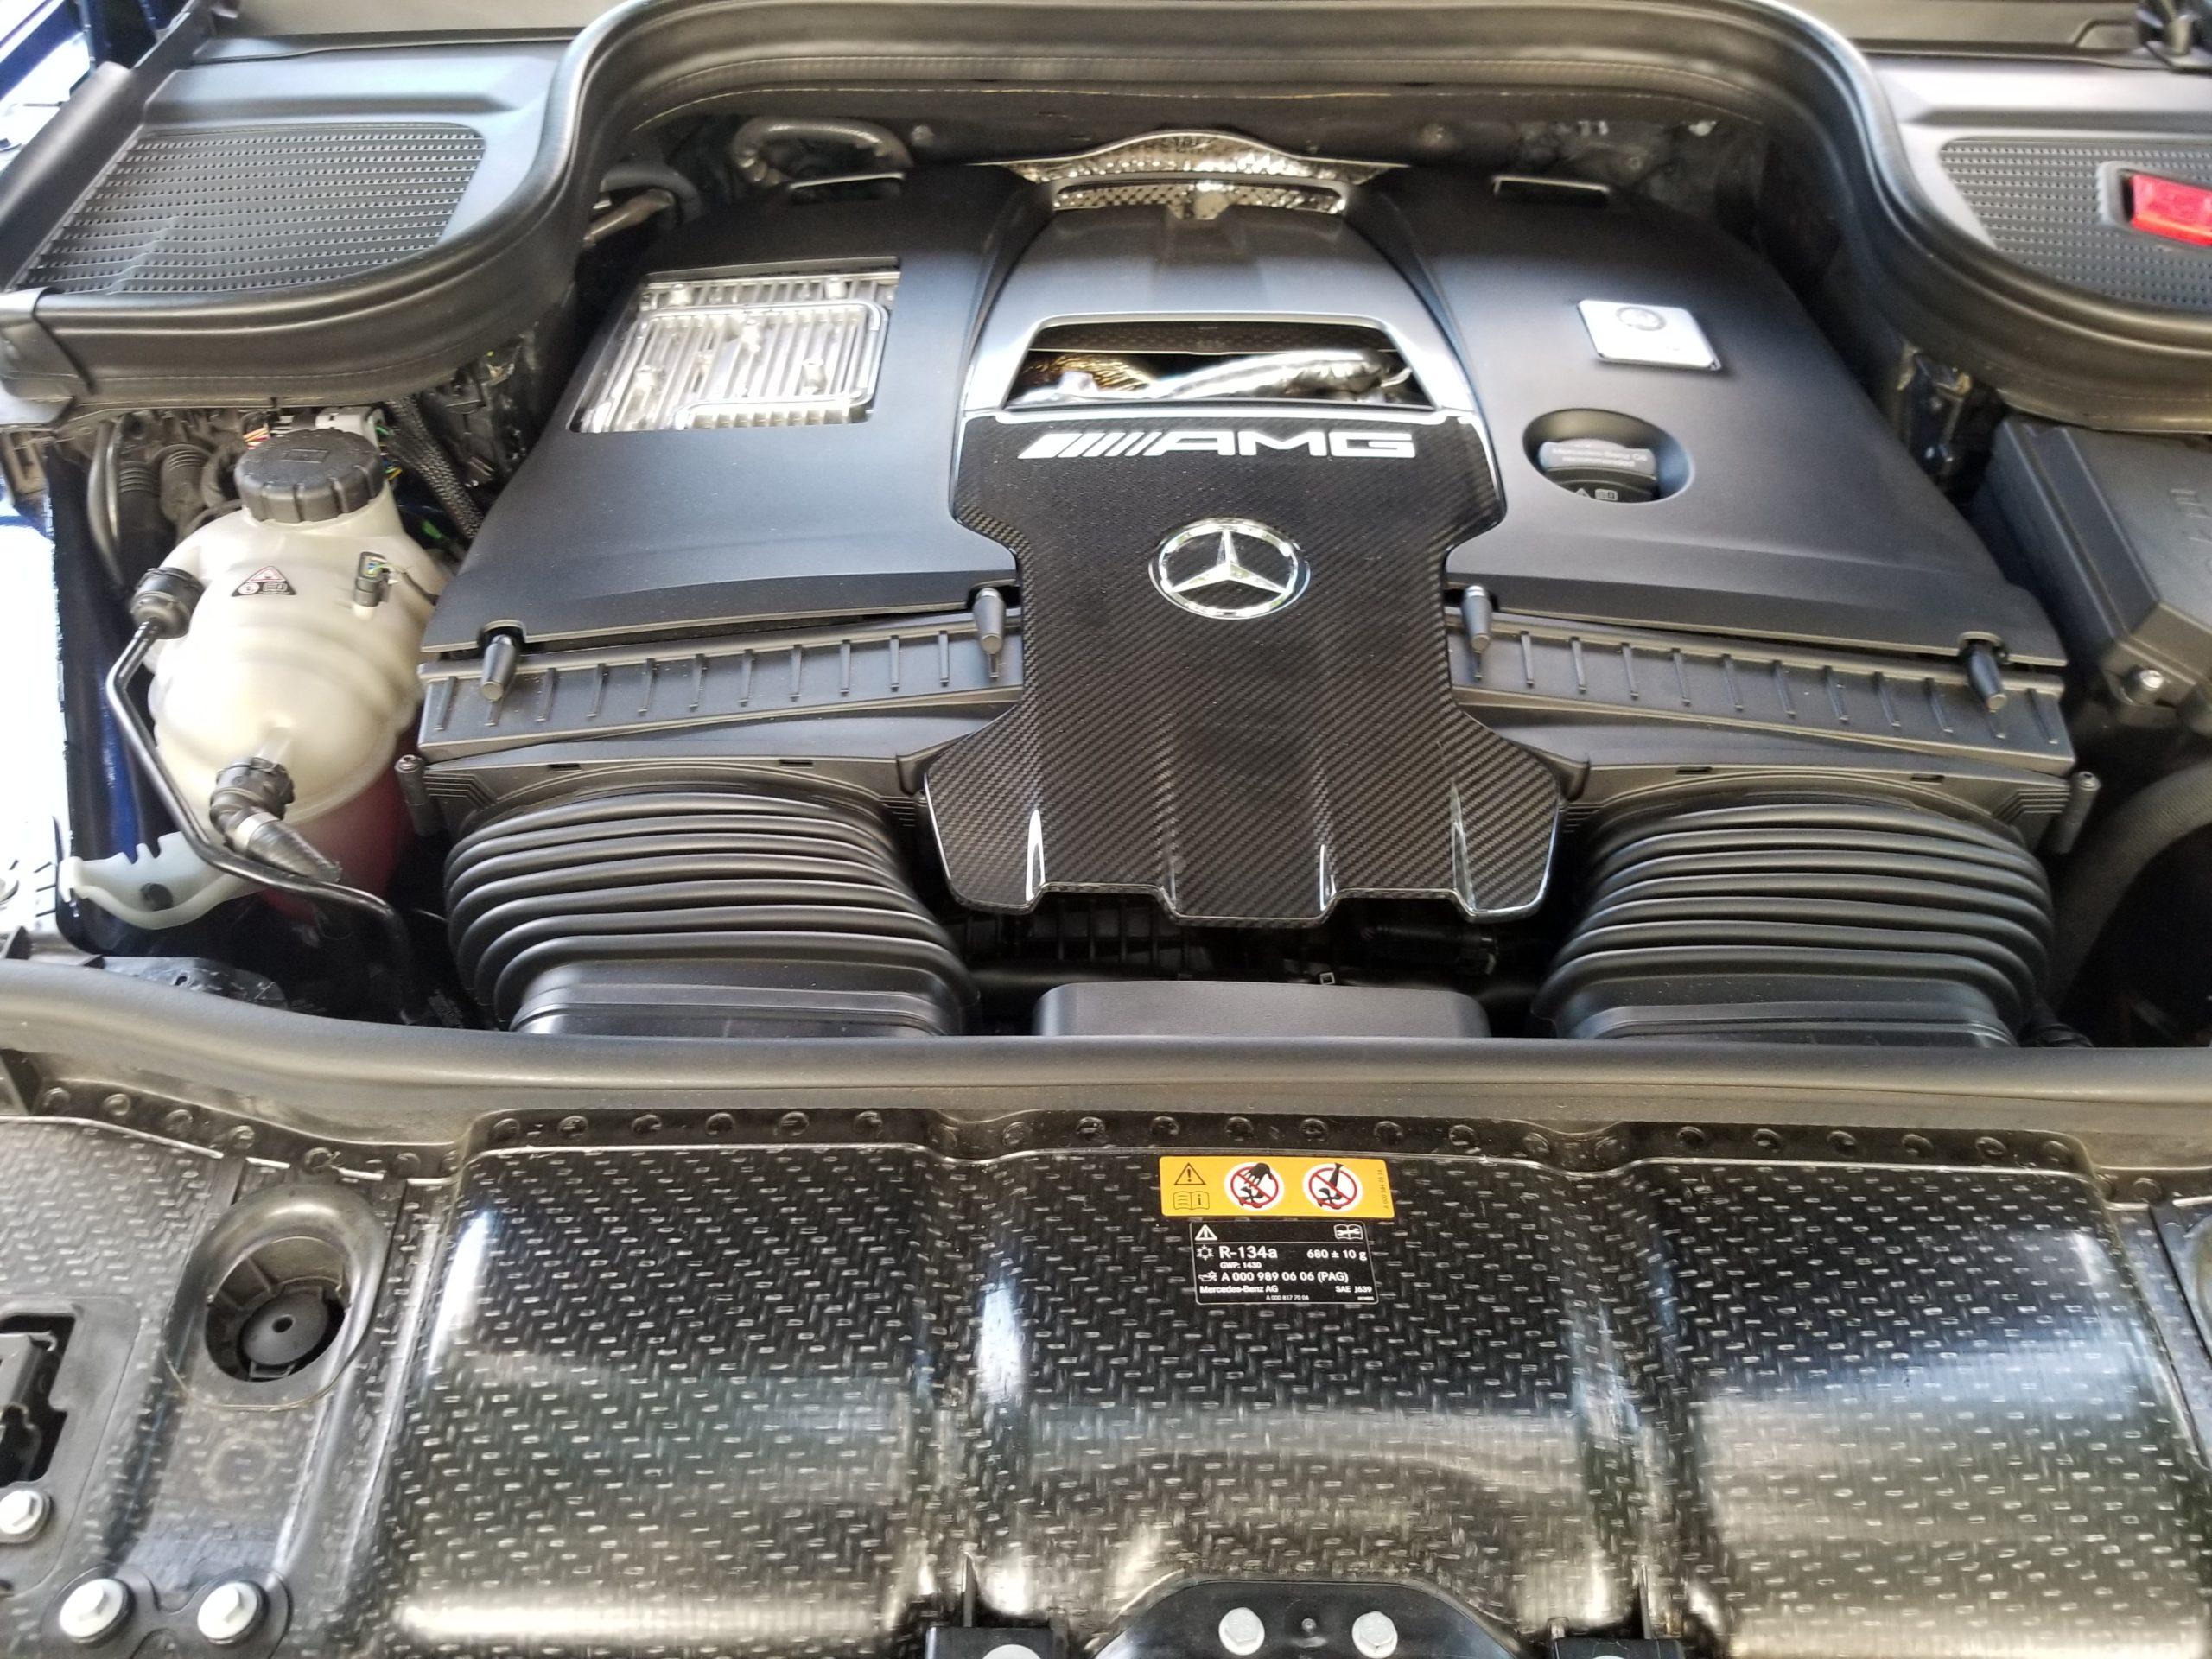 AMG GLE Engine